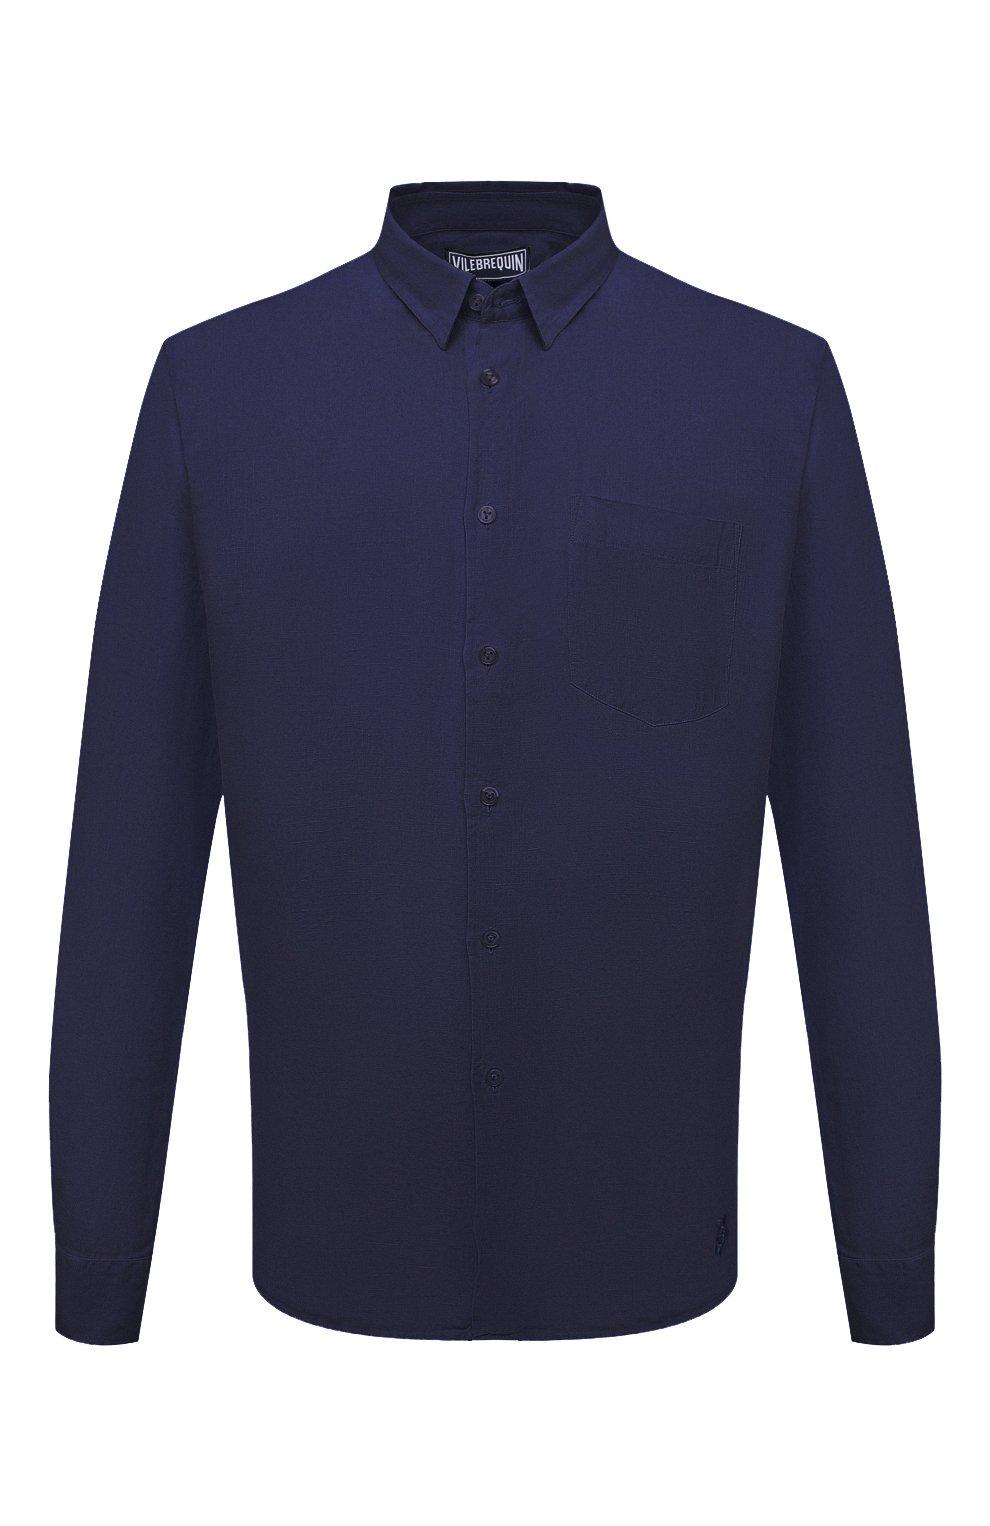 Мужская льняная рубашка VILEBREQUIN темно-синего цвета, арт. CRSP601P/390   Фото 1 (Воротник: Кент; Рукава: Длинные; Случай: Повседневный; Длина (для топов): Стандартные; Материал внешний: Лен; Стили: Кэжуэл)